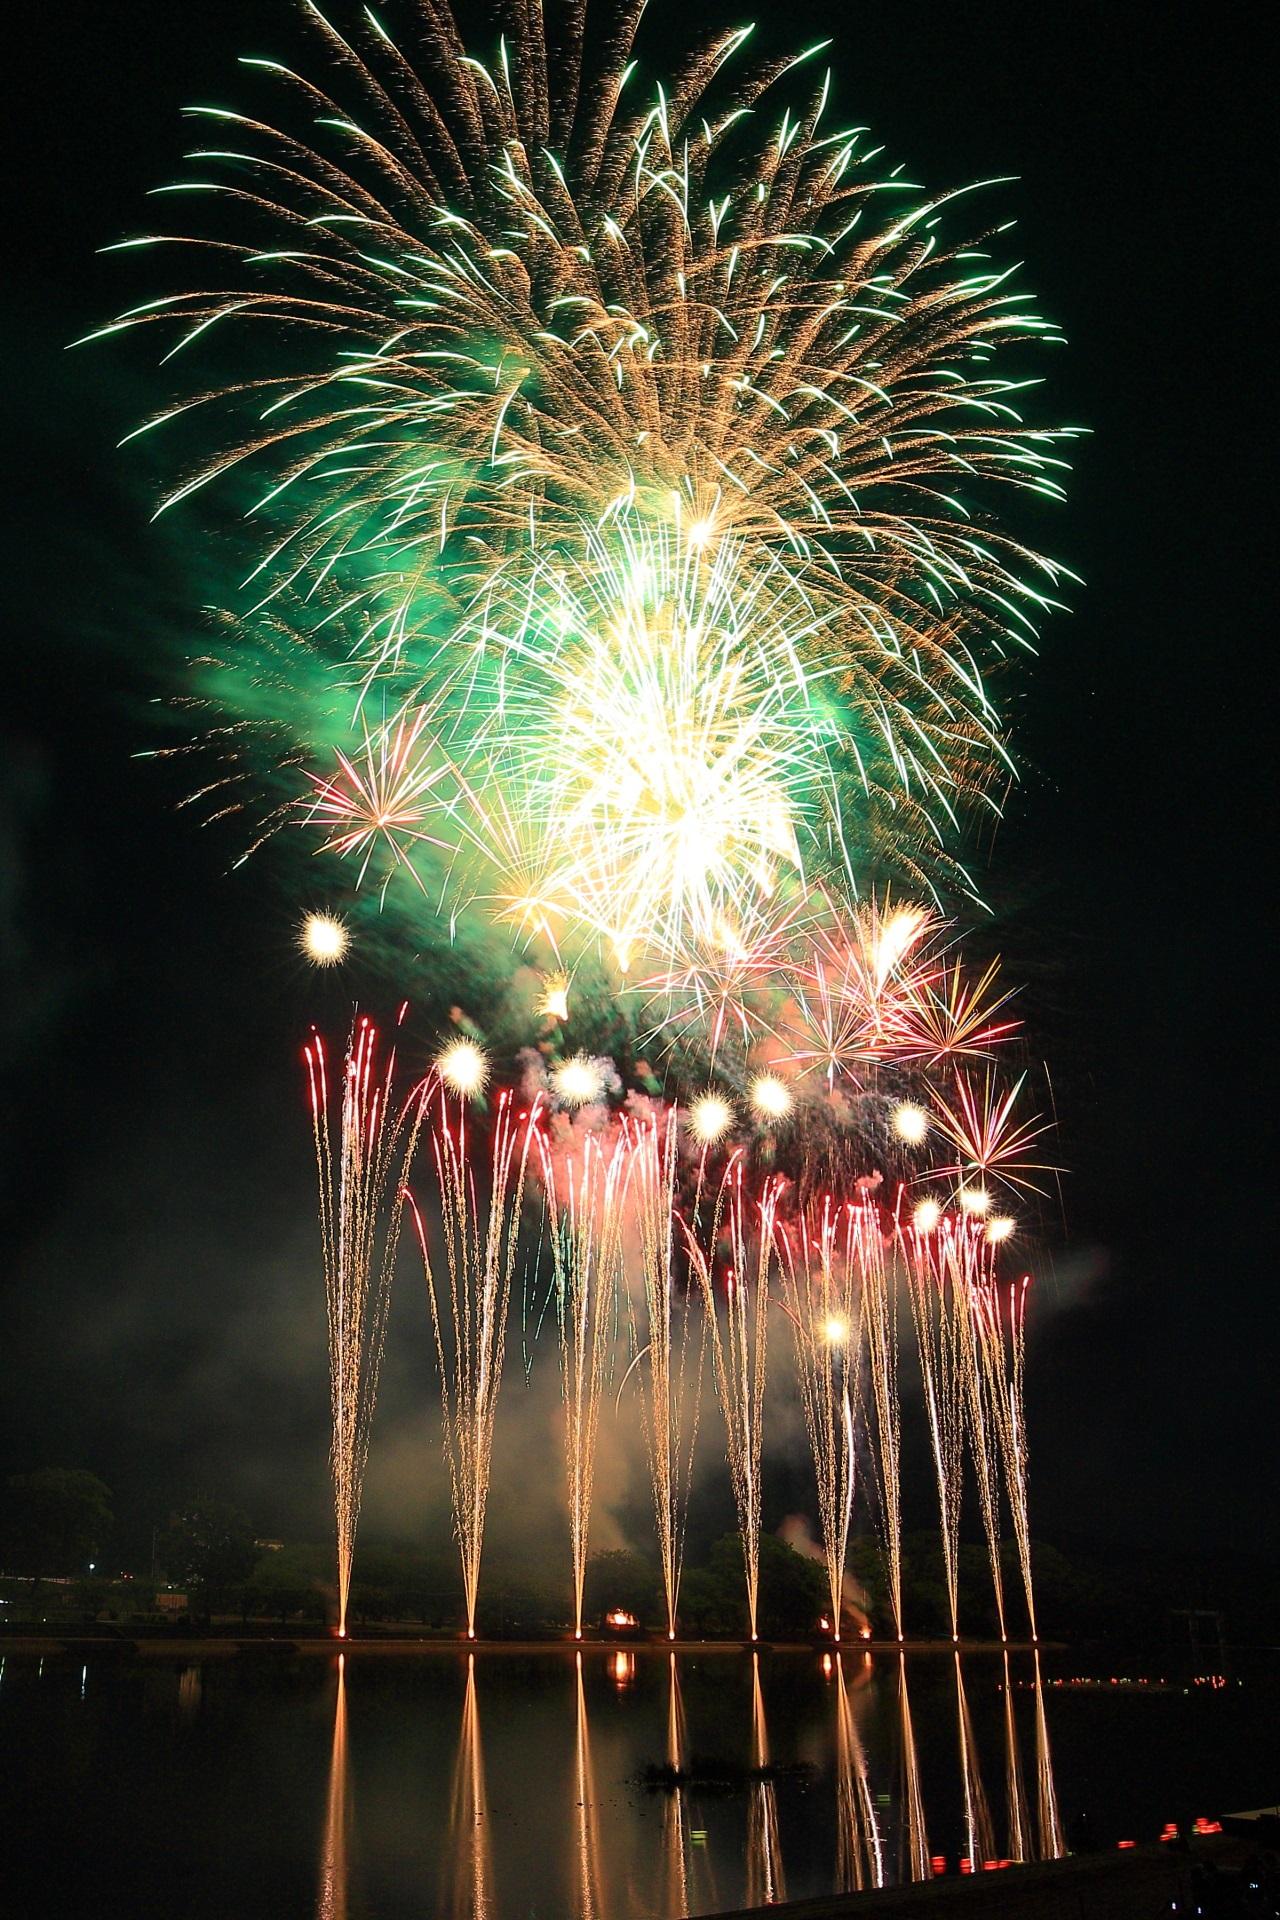 南丹市花火大会の圧巻の煌く噴水と弾ける大輪の花火